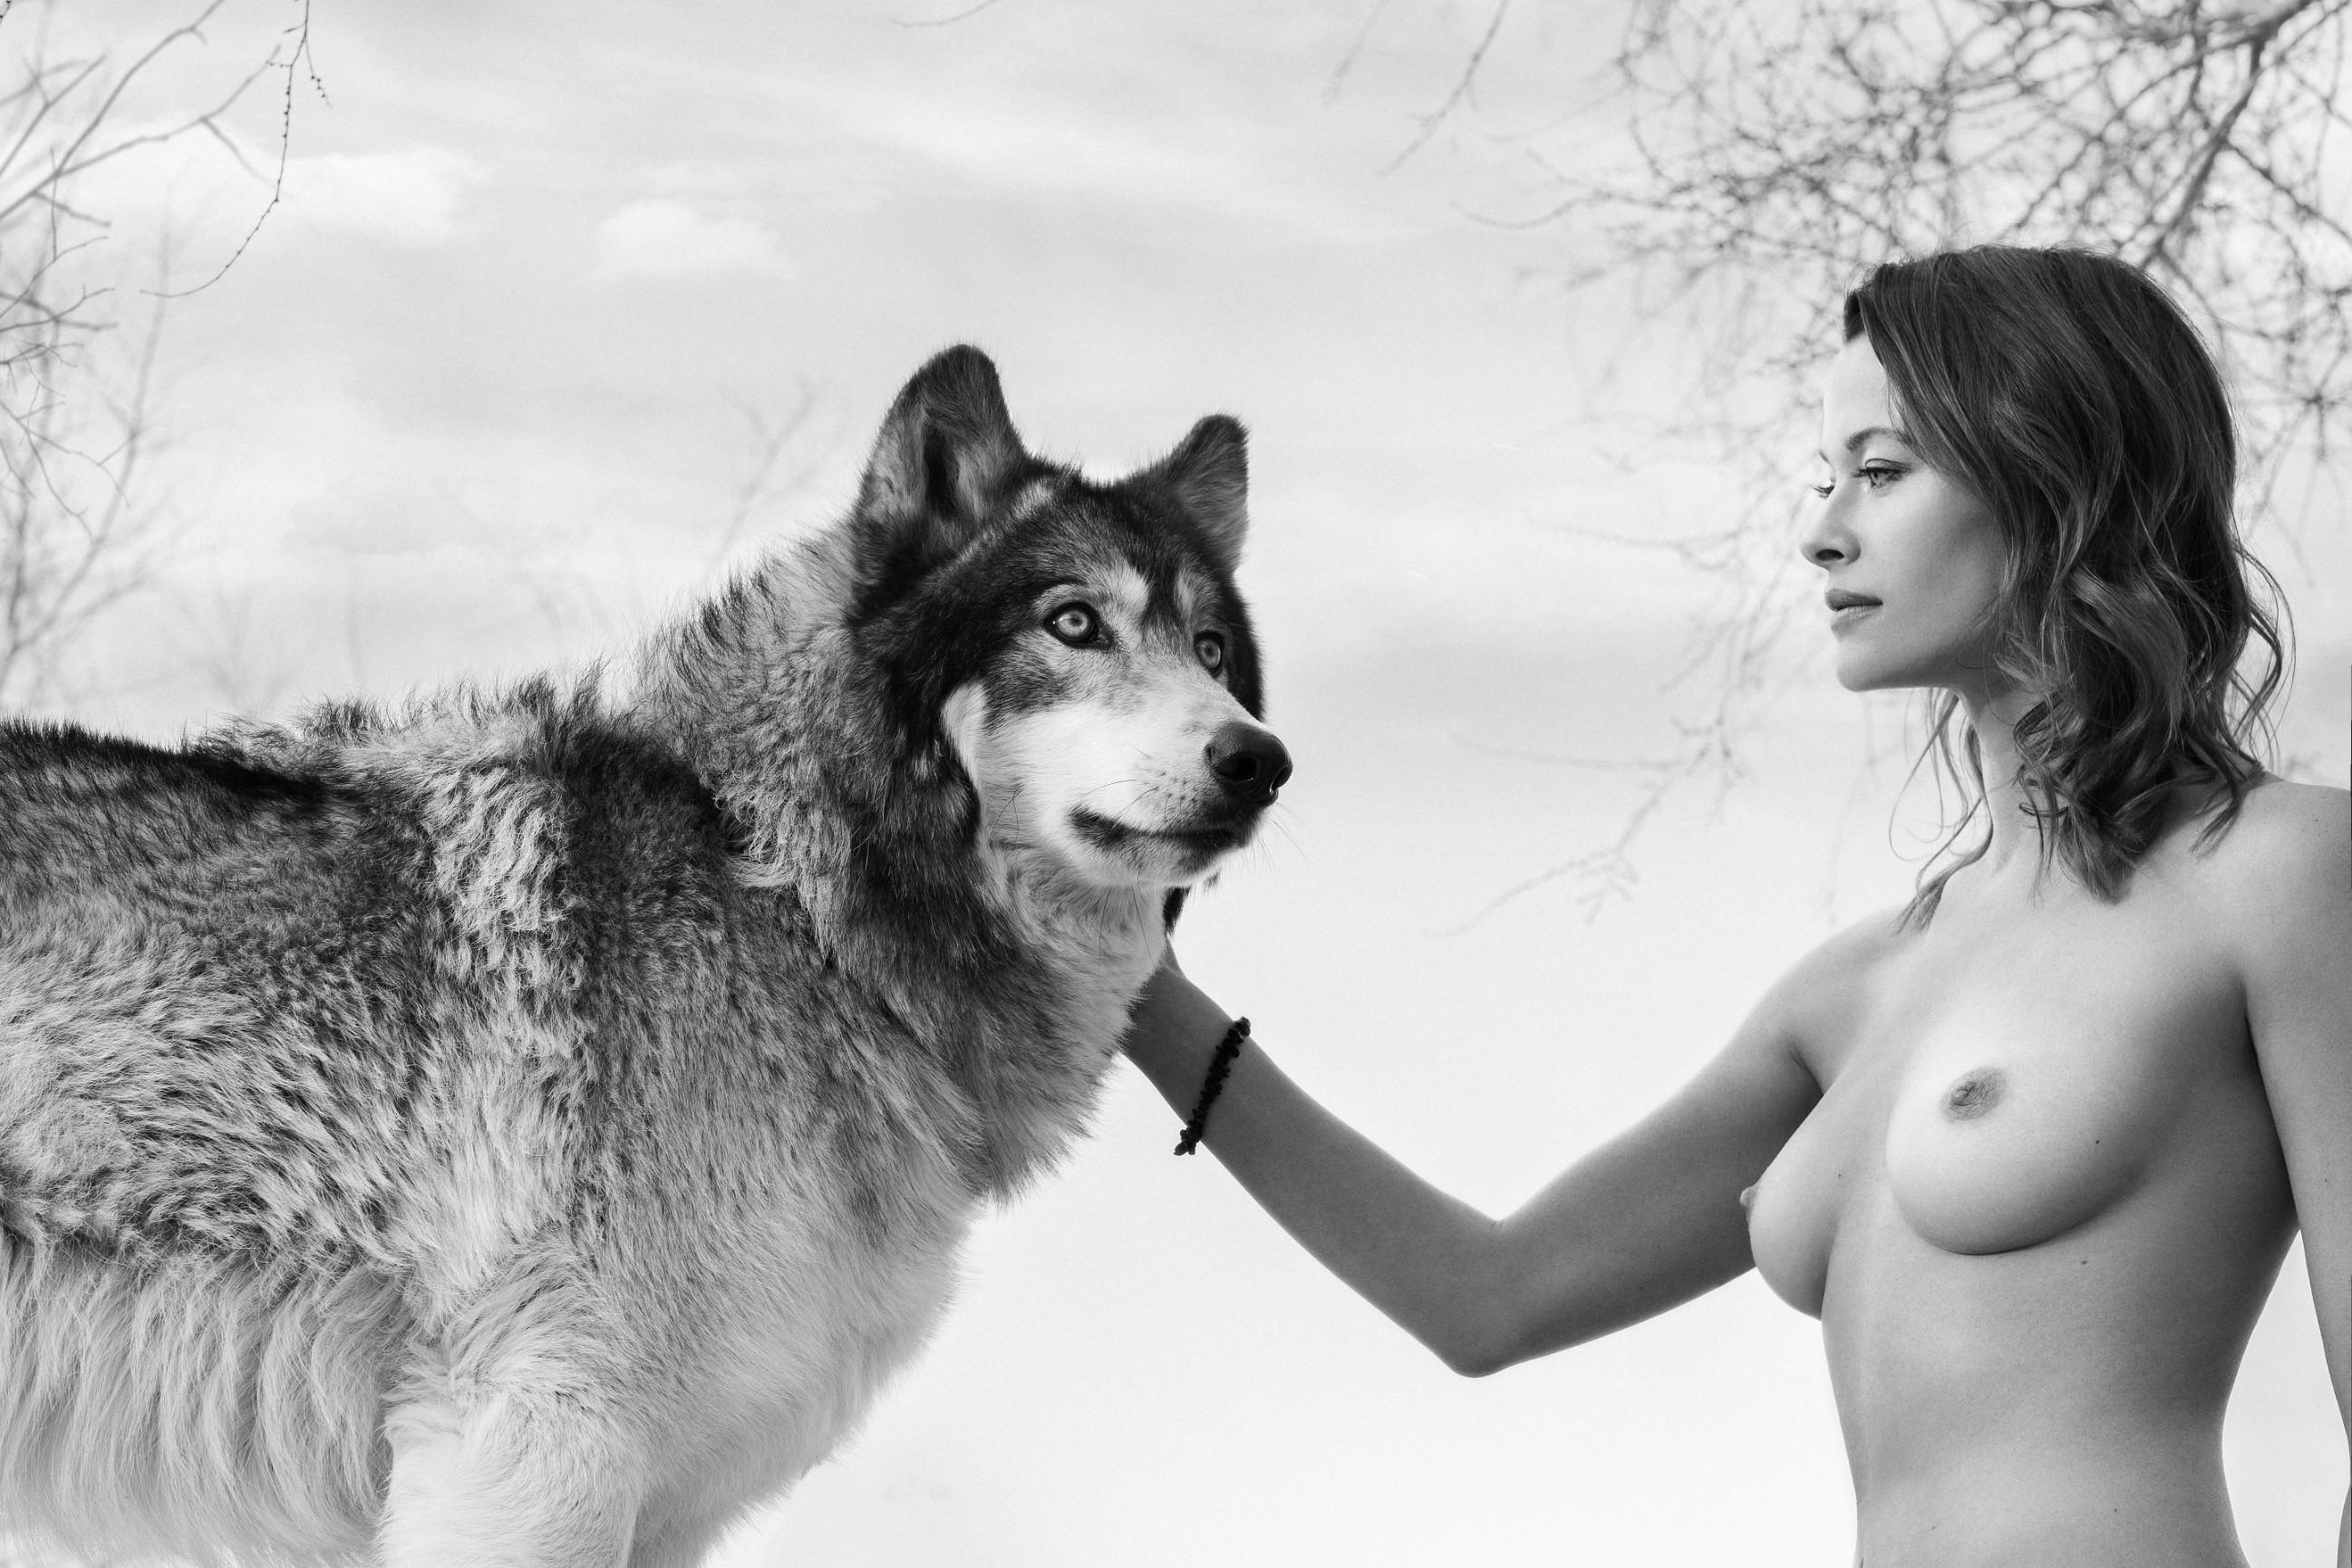 Free Andrea Anderson Nude